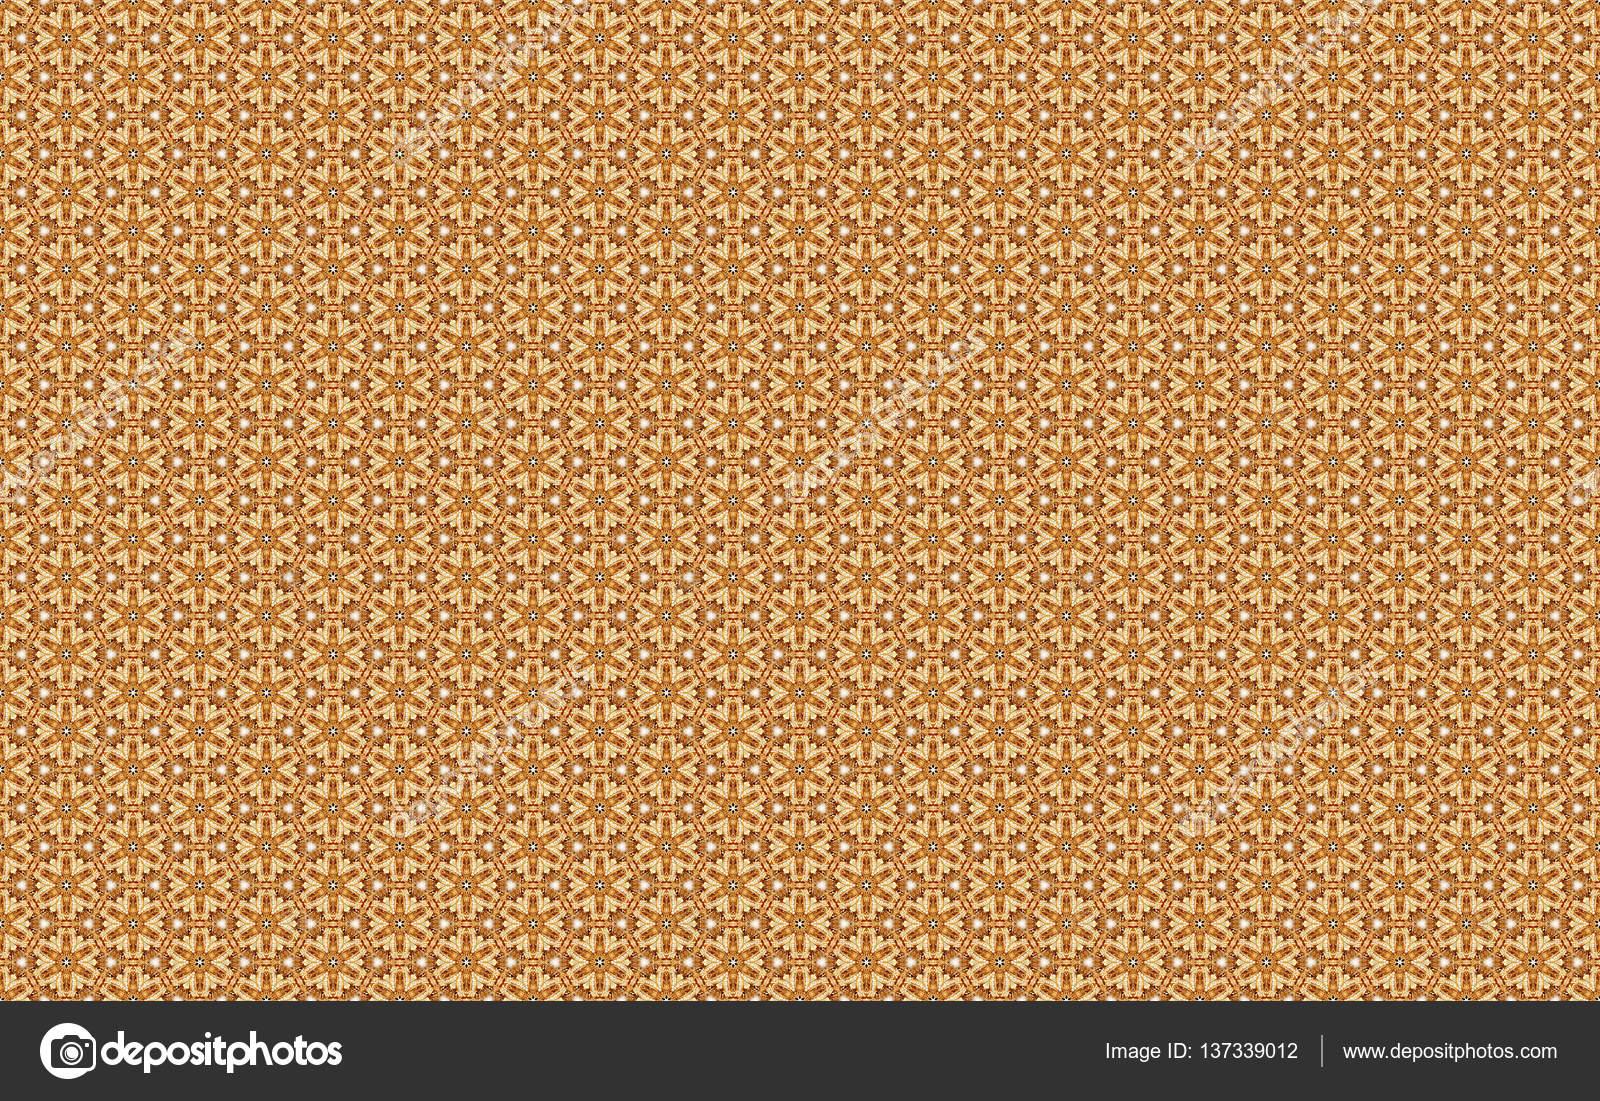 Kleine Fliesen Hintergrund Stockfoto Magicbloods - Kleine bunte fliesen